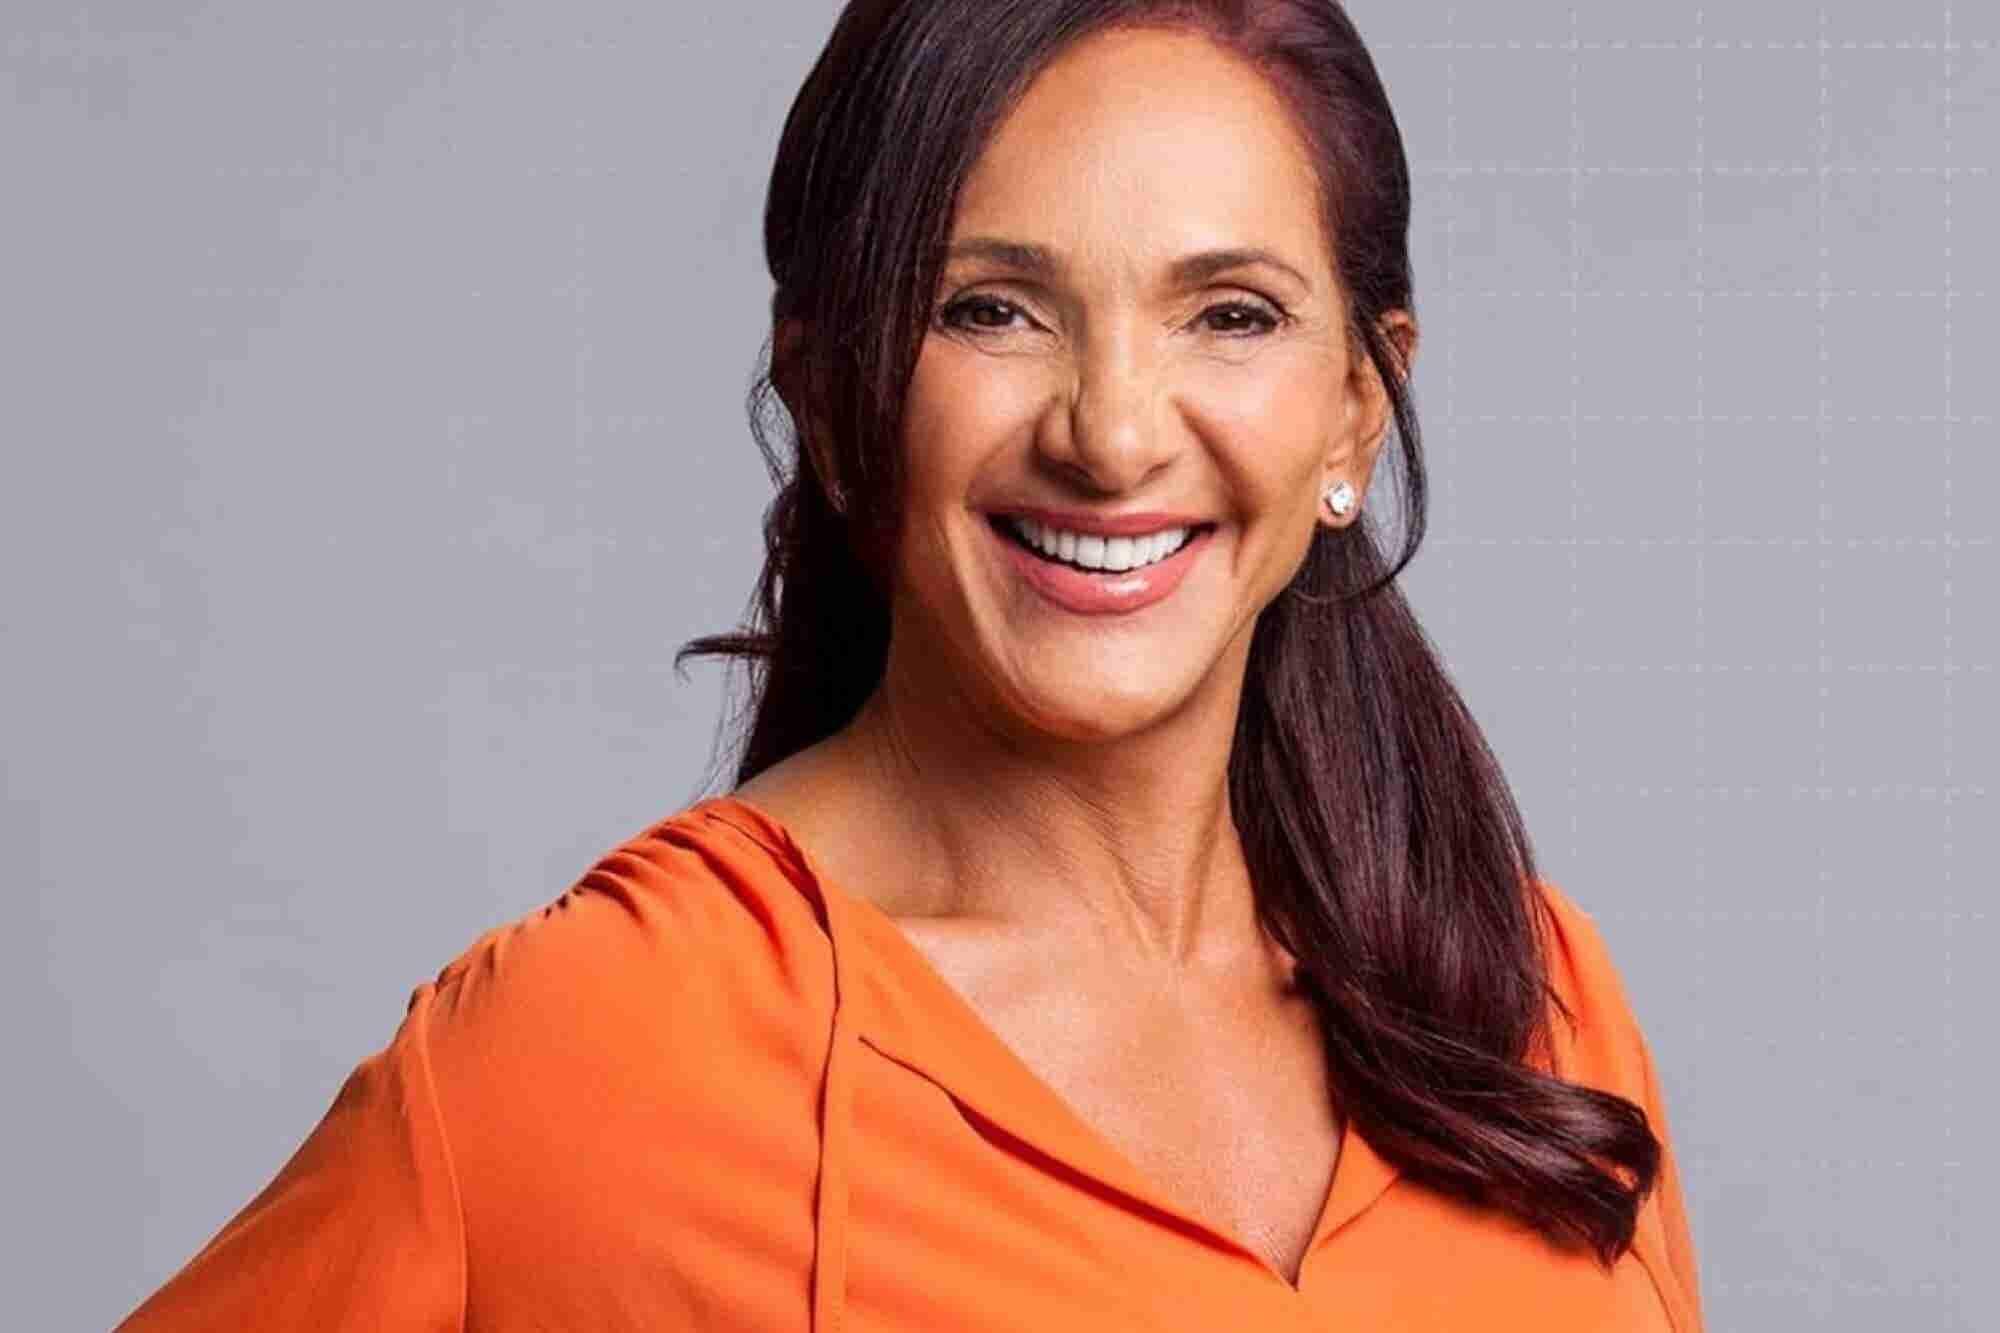 Register for Entrepreneur Insider's Free Fireside Chat With Ellen Latham, Founder of Orangetheory Fitness Franchise